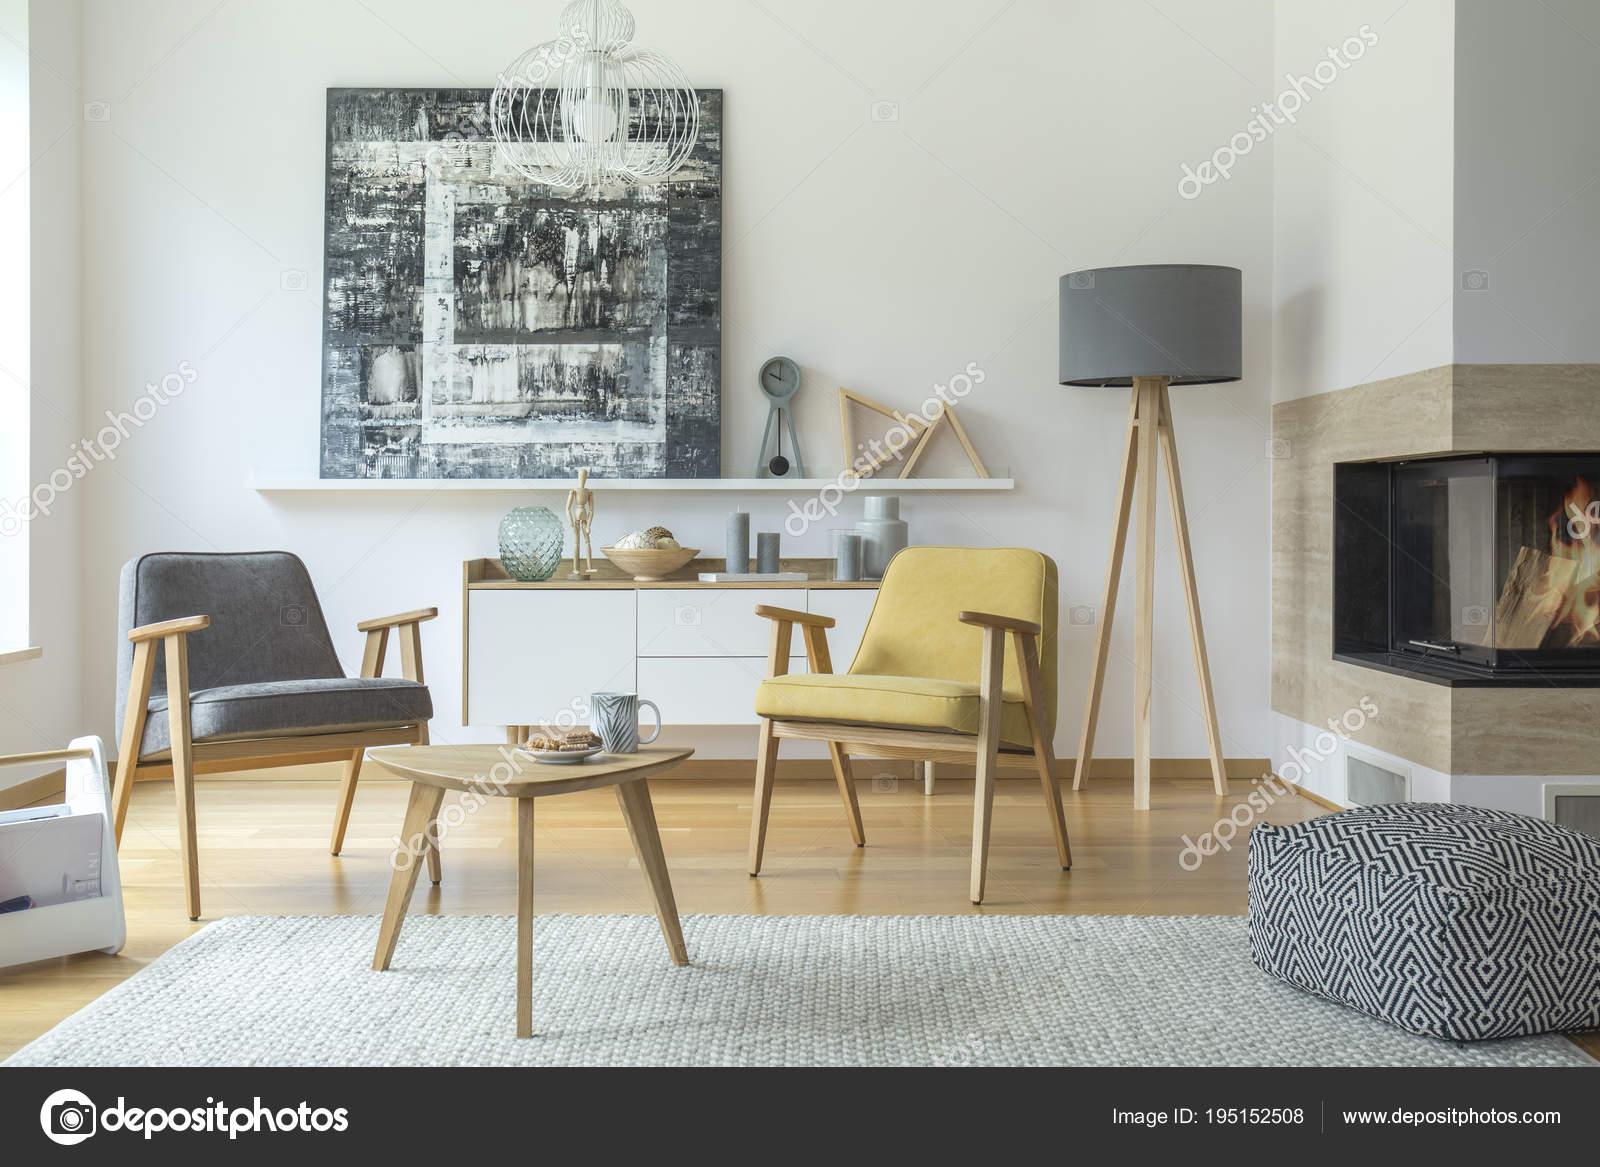 Grau und gelb Wohnzimmer — Stockfoto © photographee.eu #195152508